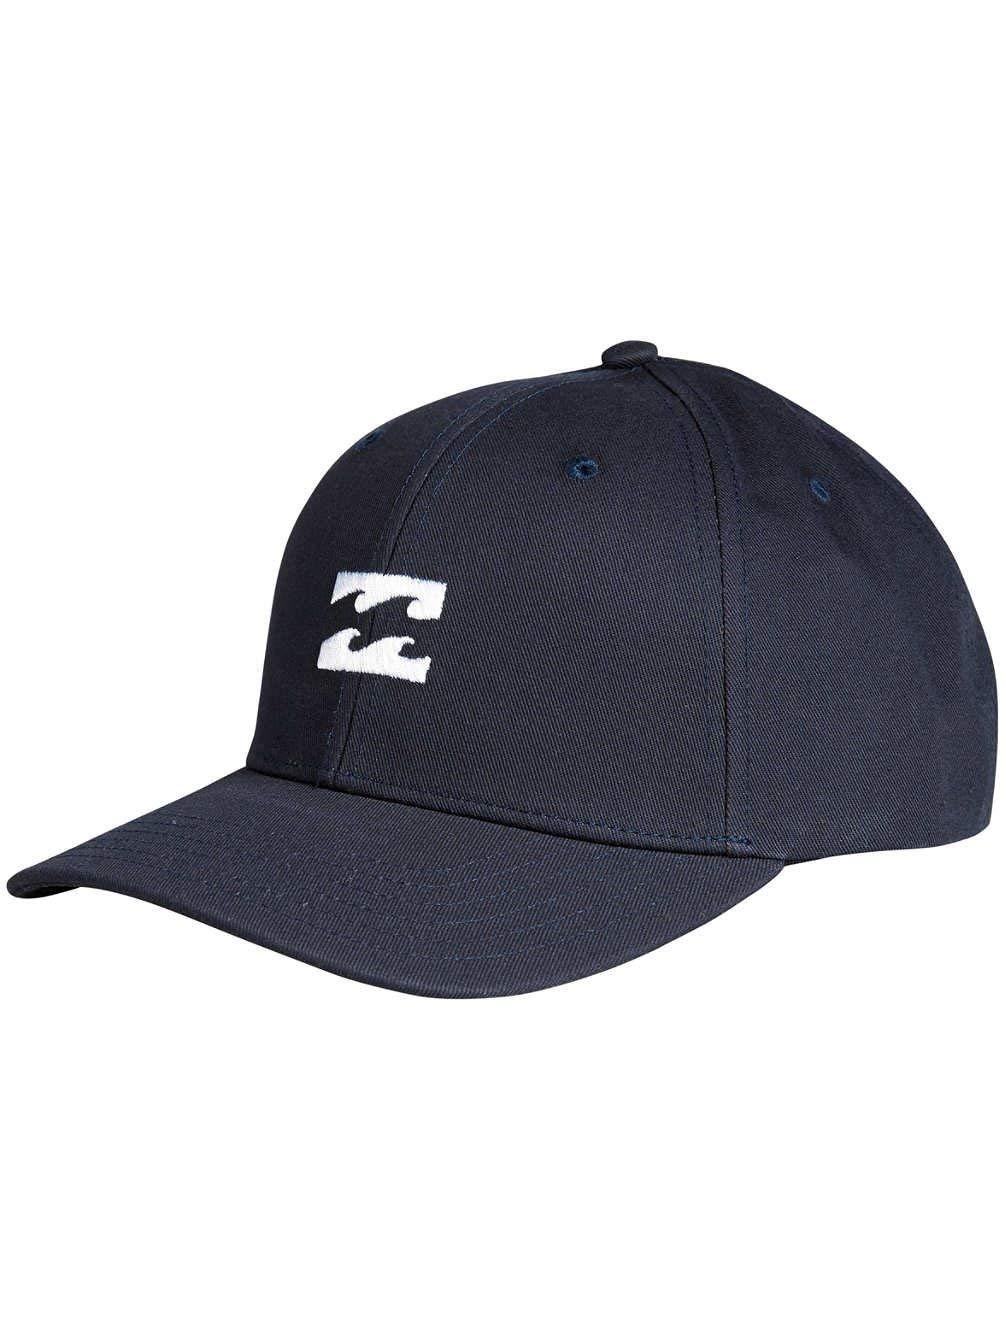 save off a724f ed61e Get Quotations · Billabong Emblem Snapback Cap in Navy